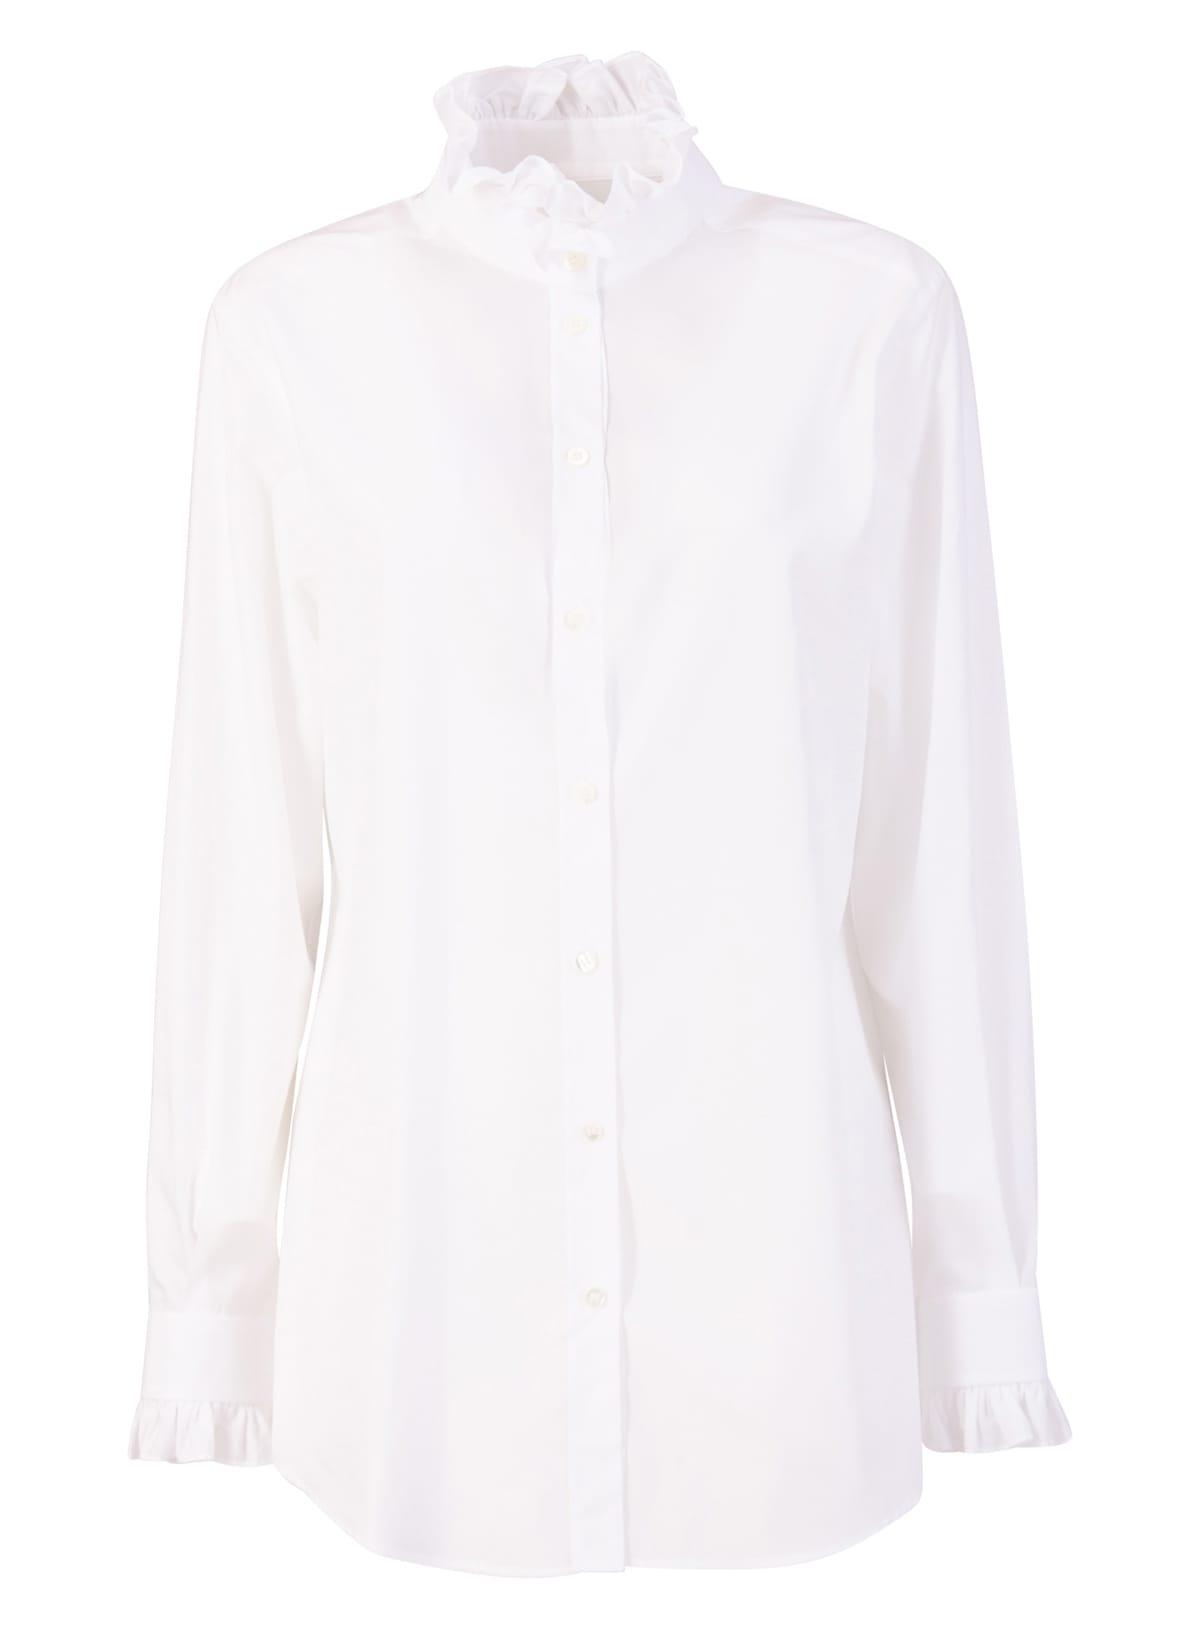 Dolce & Gabbana White Cotton Shirt